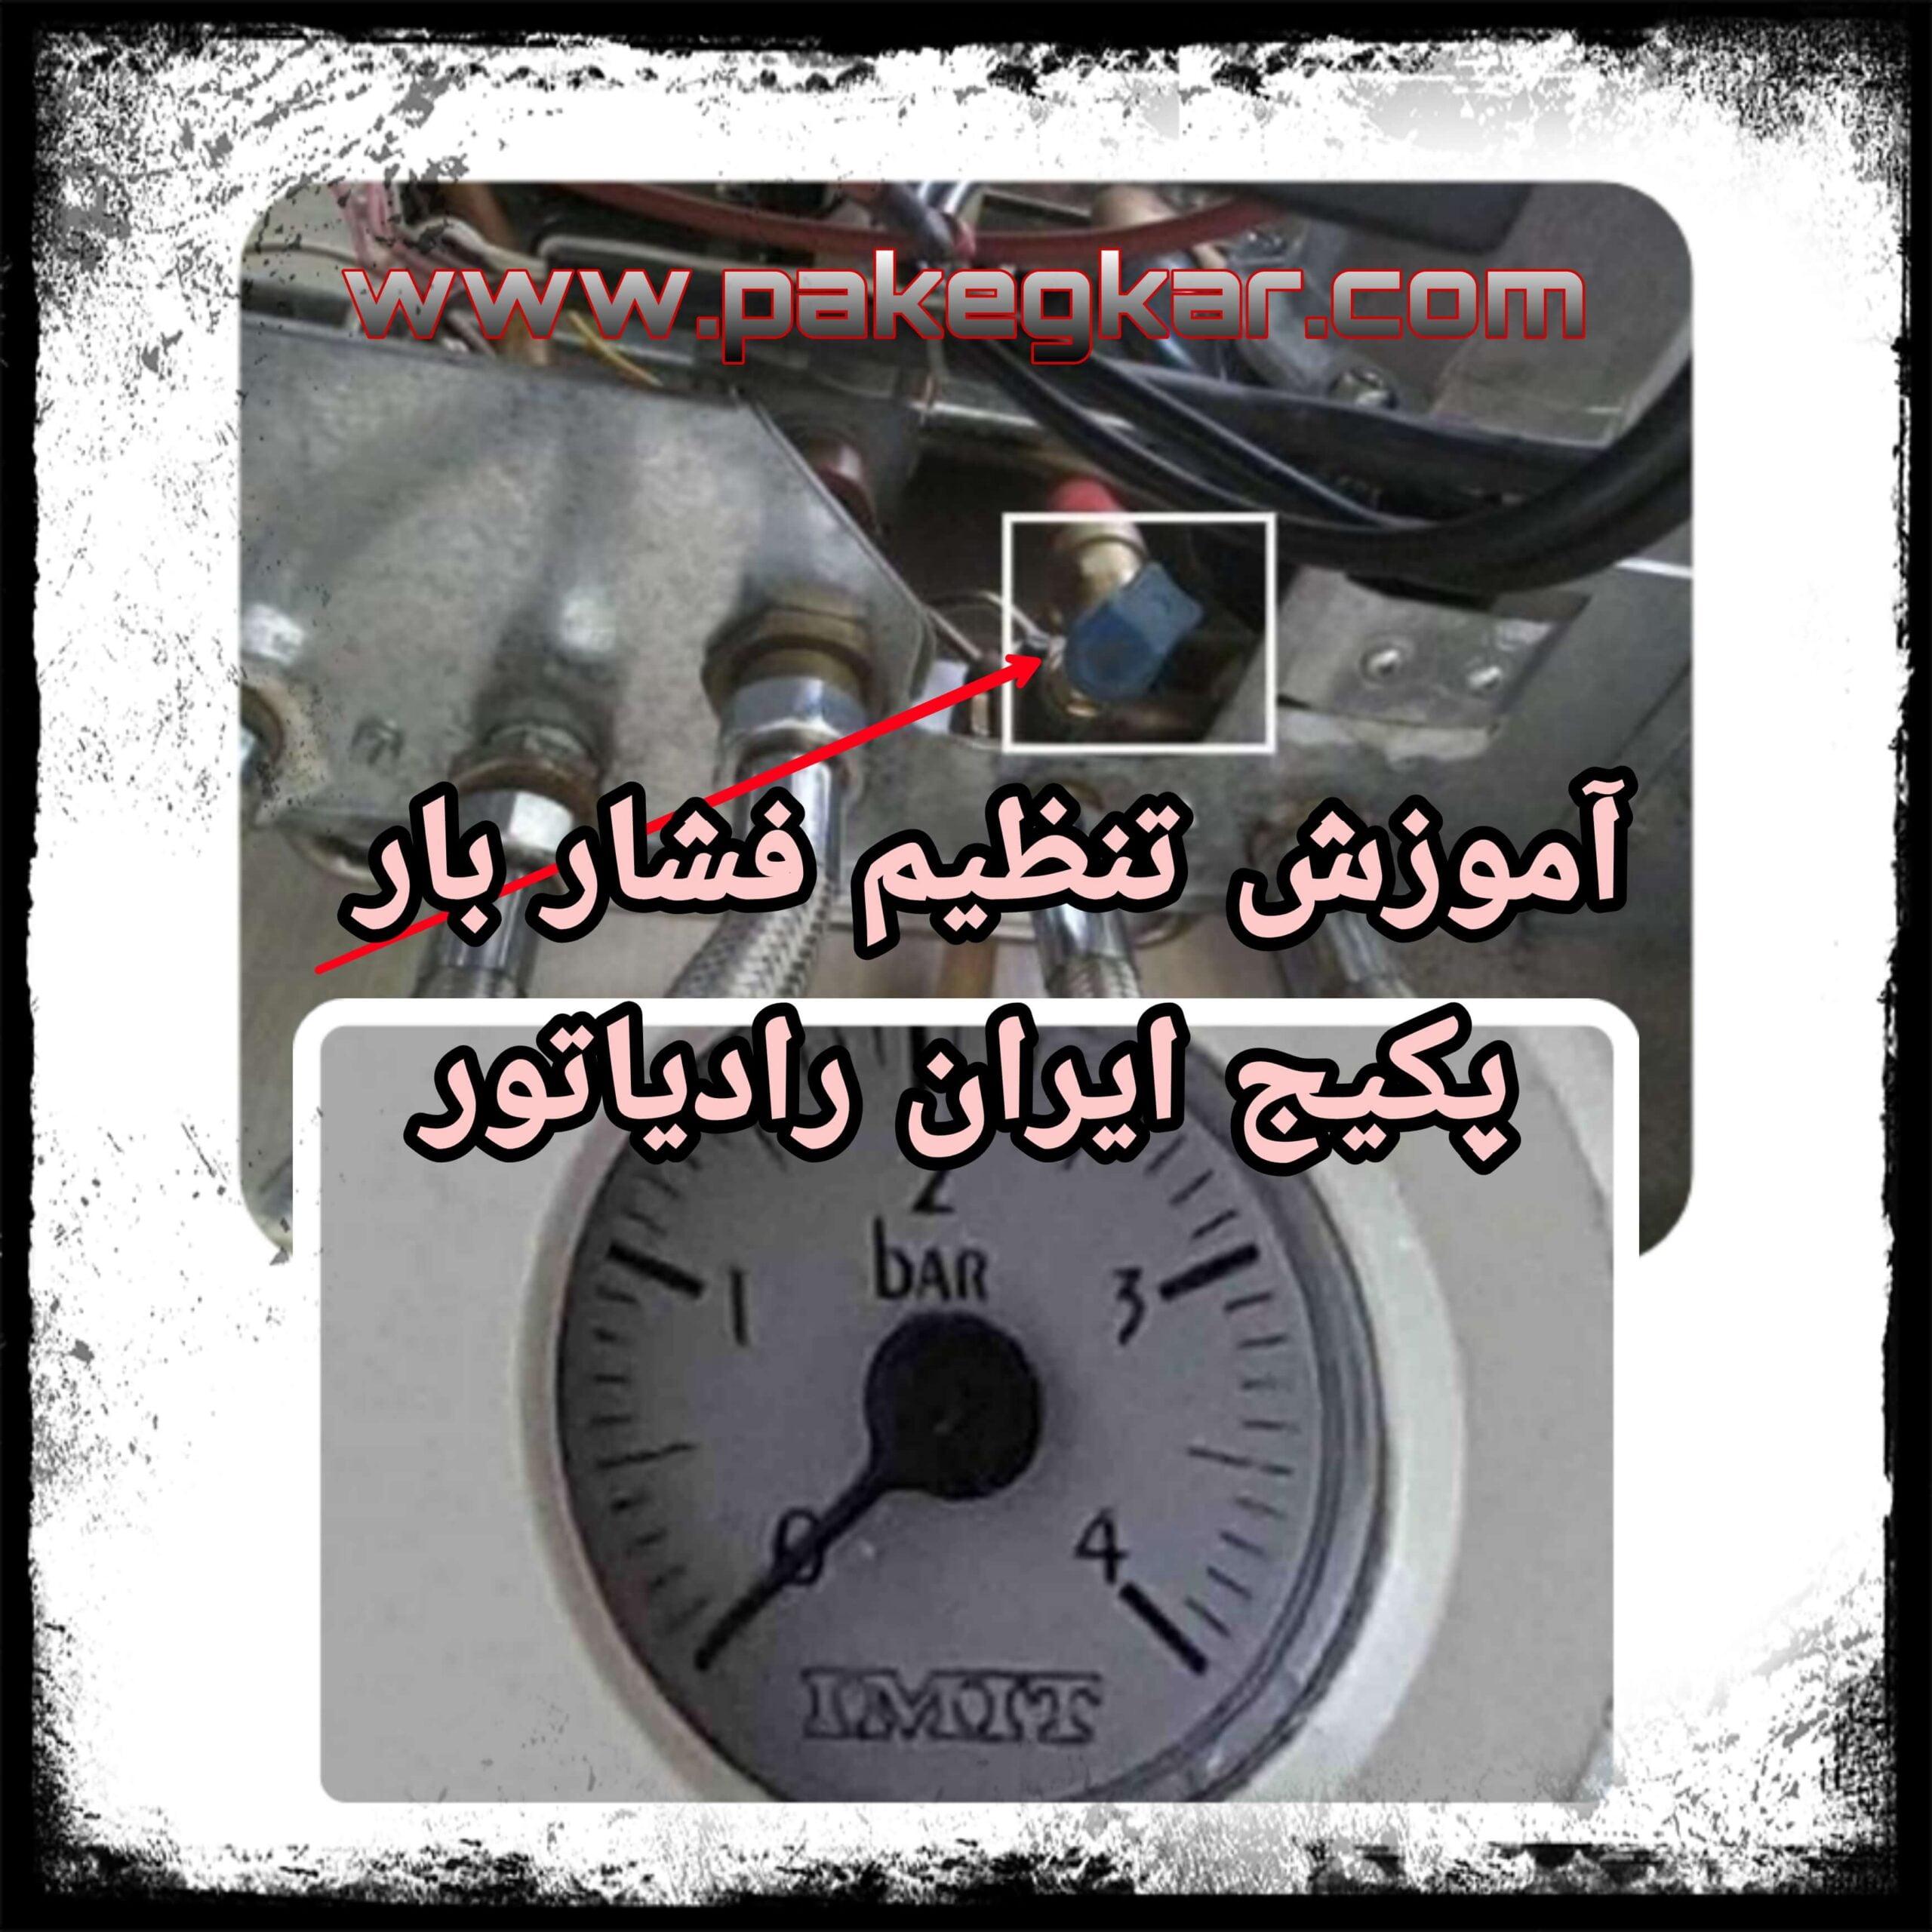 تنظیم فشار بار پکیج ایران رادیاتور